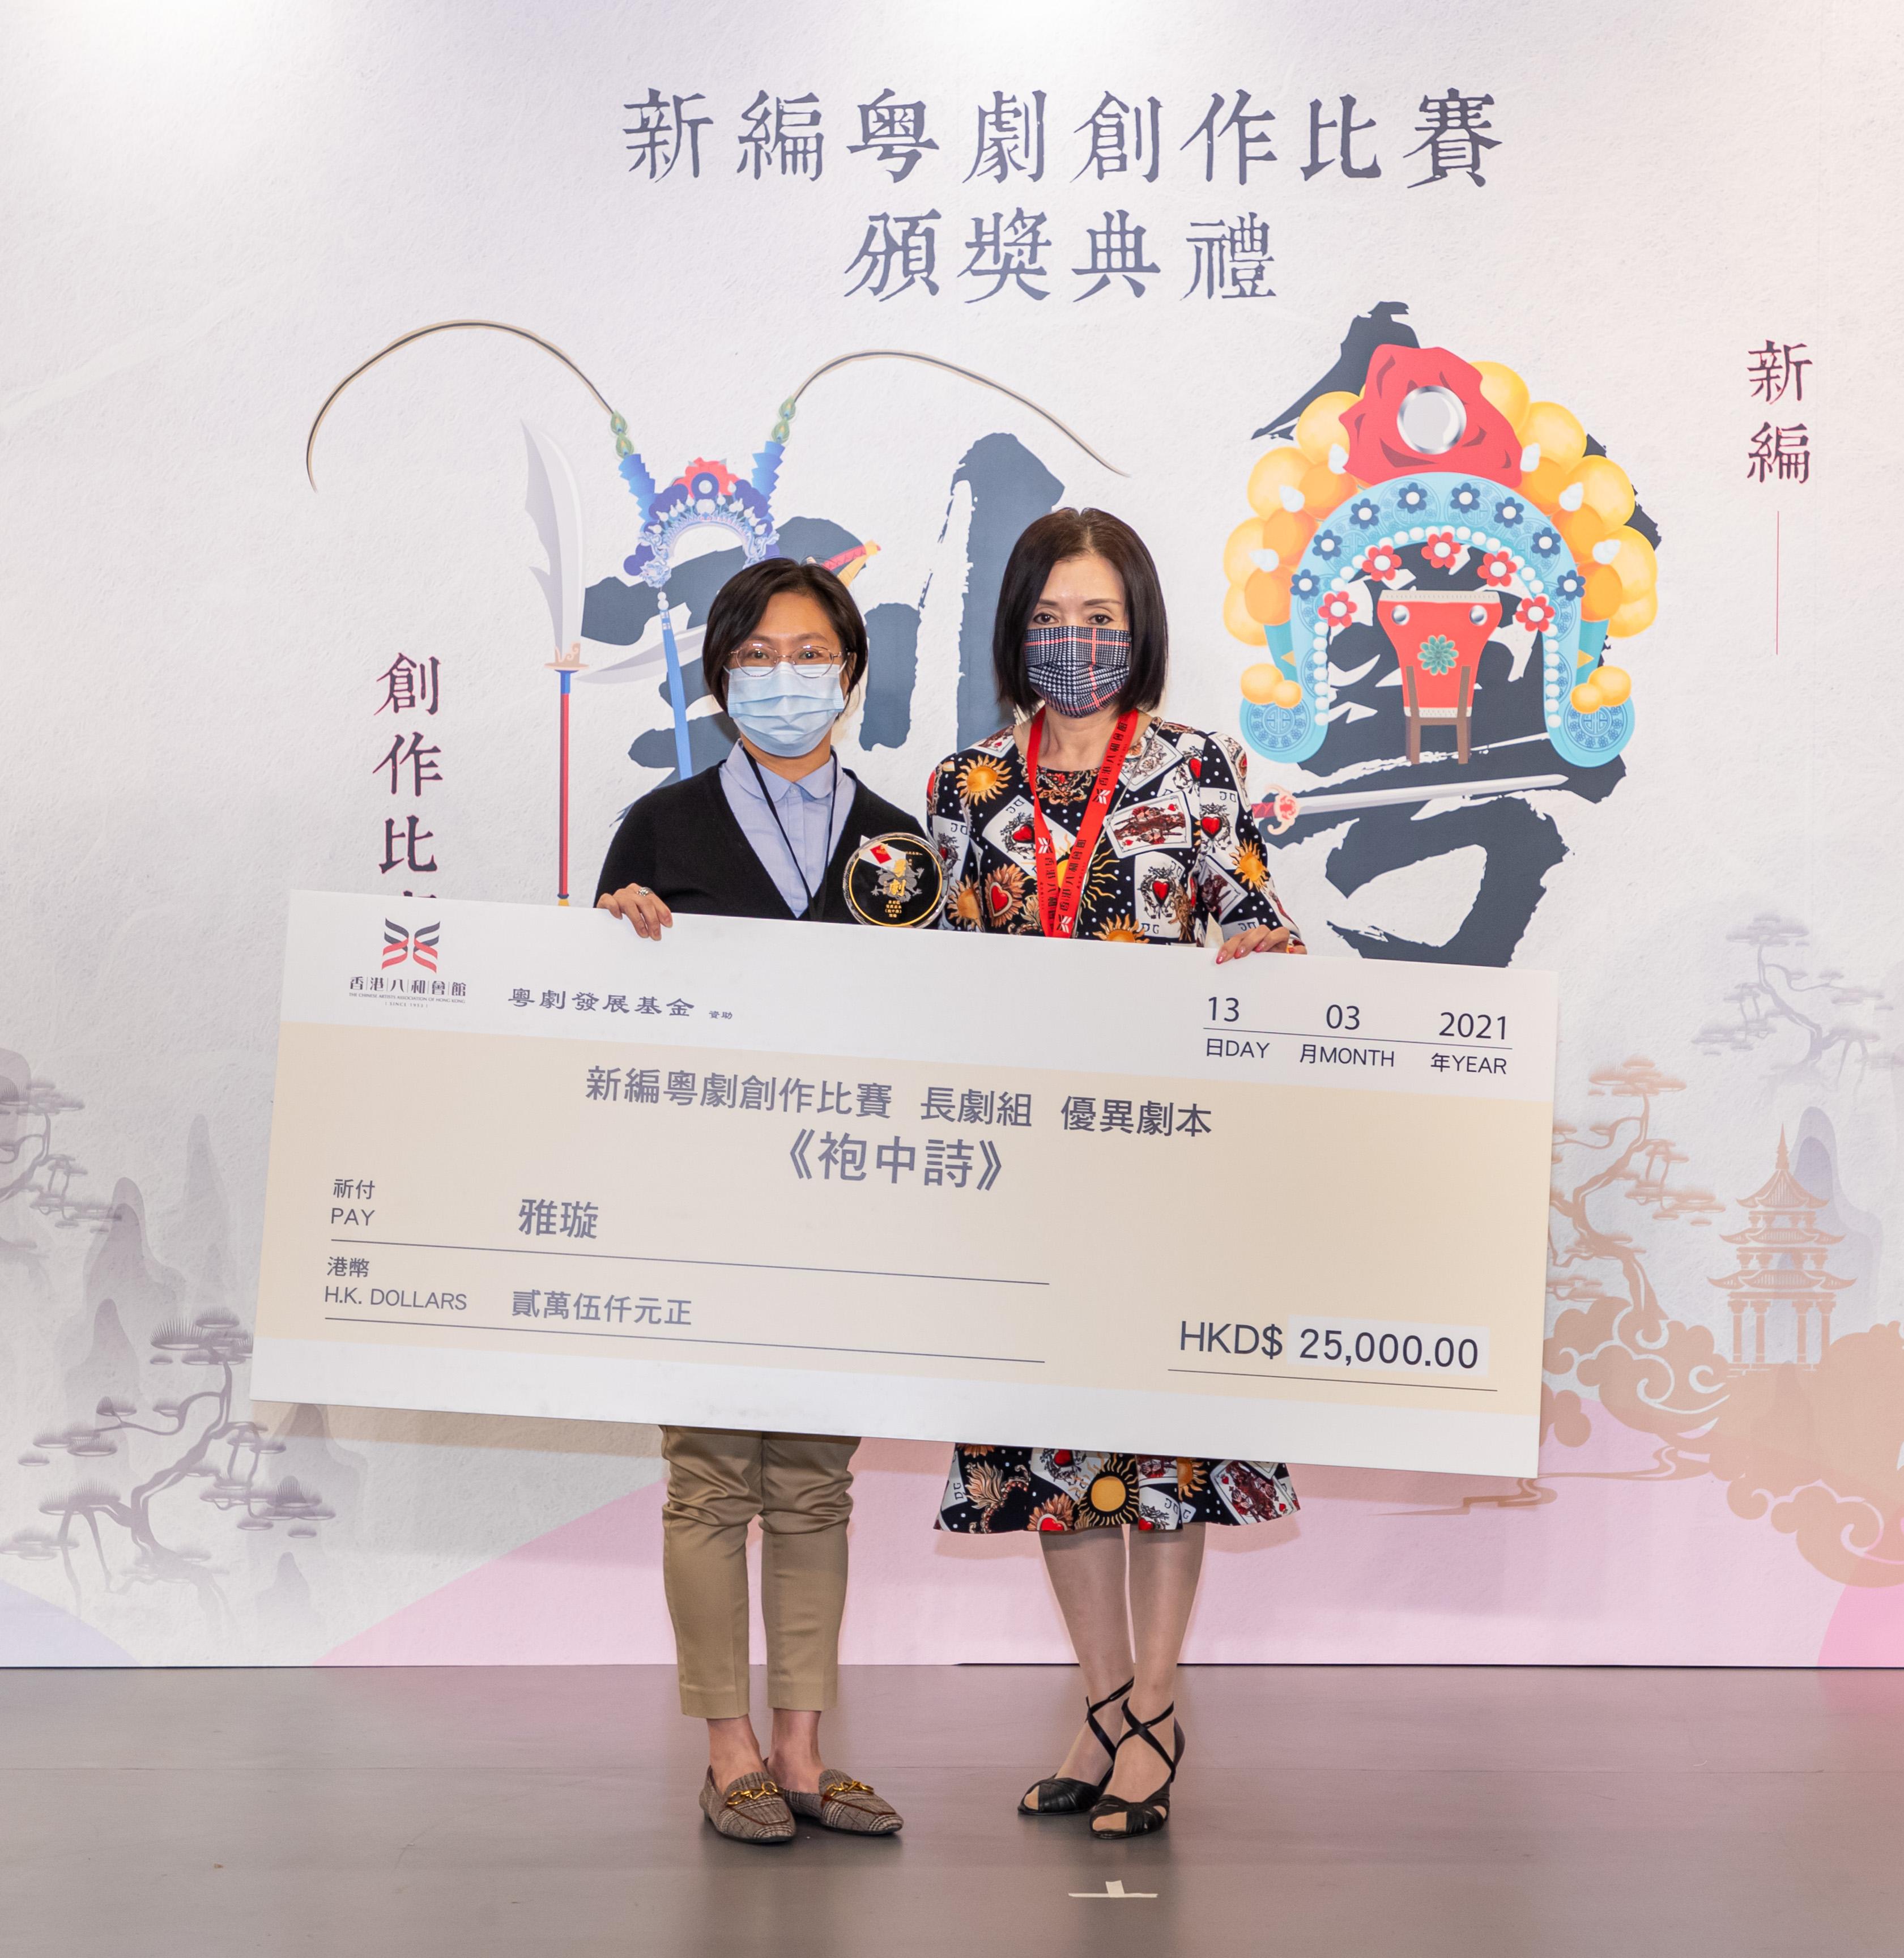 評審之一的王超群向長劇組優異劇本得獎者雅璇頒發獎座,及價值$25,000的獎金